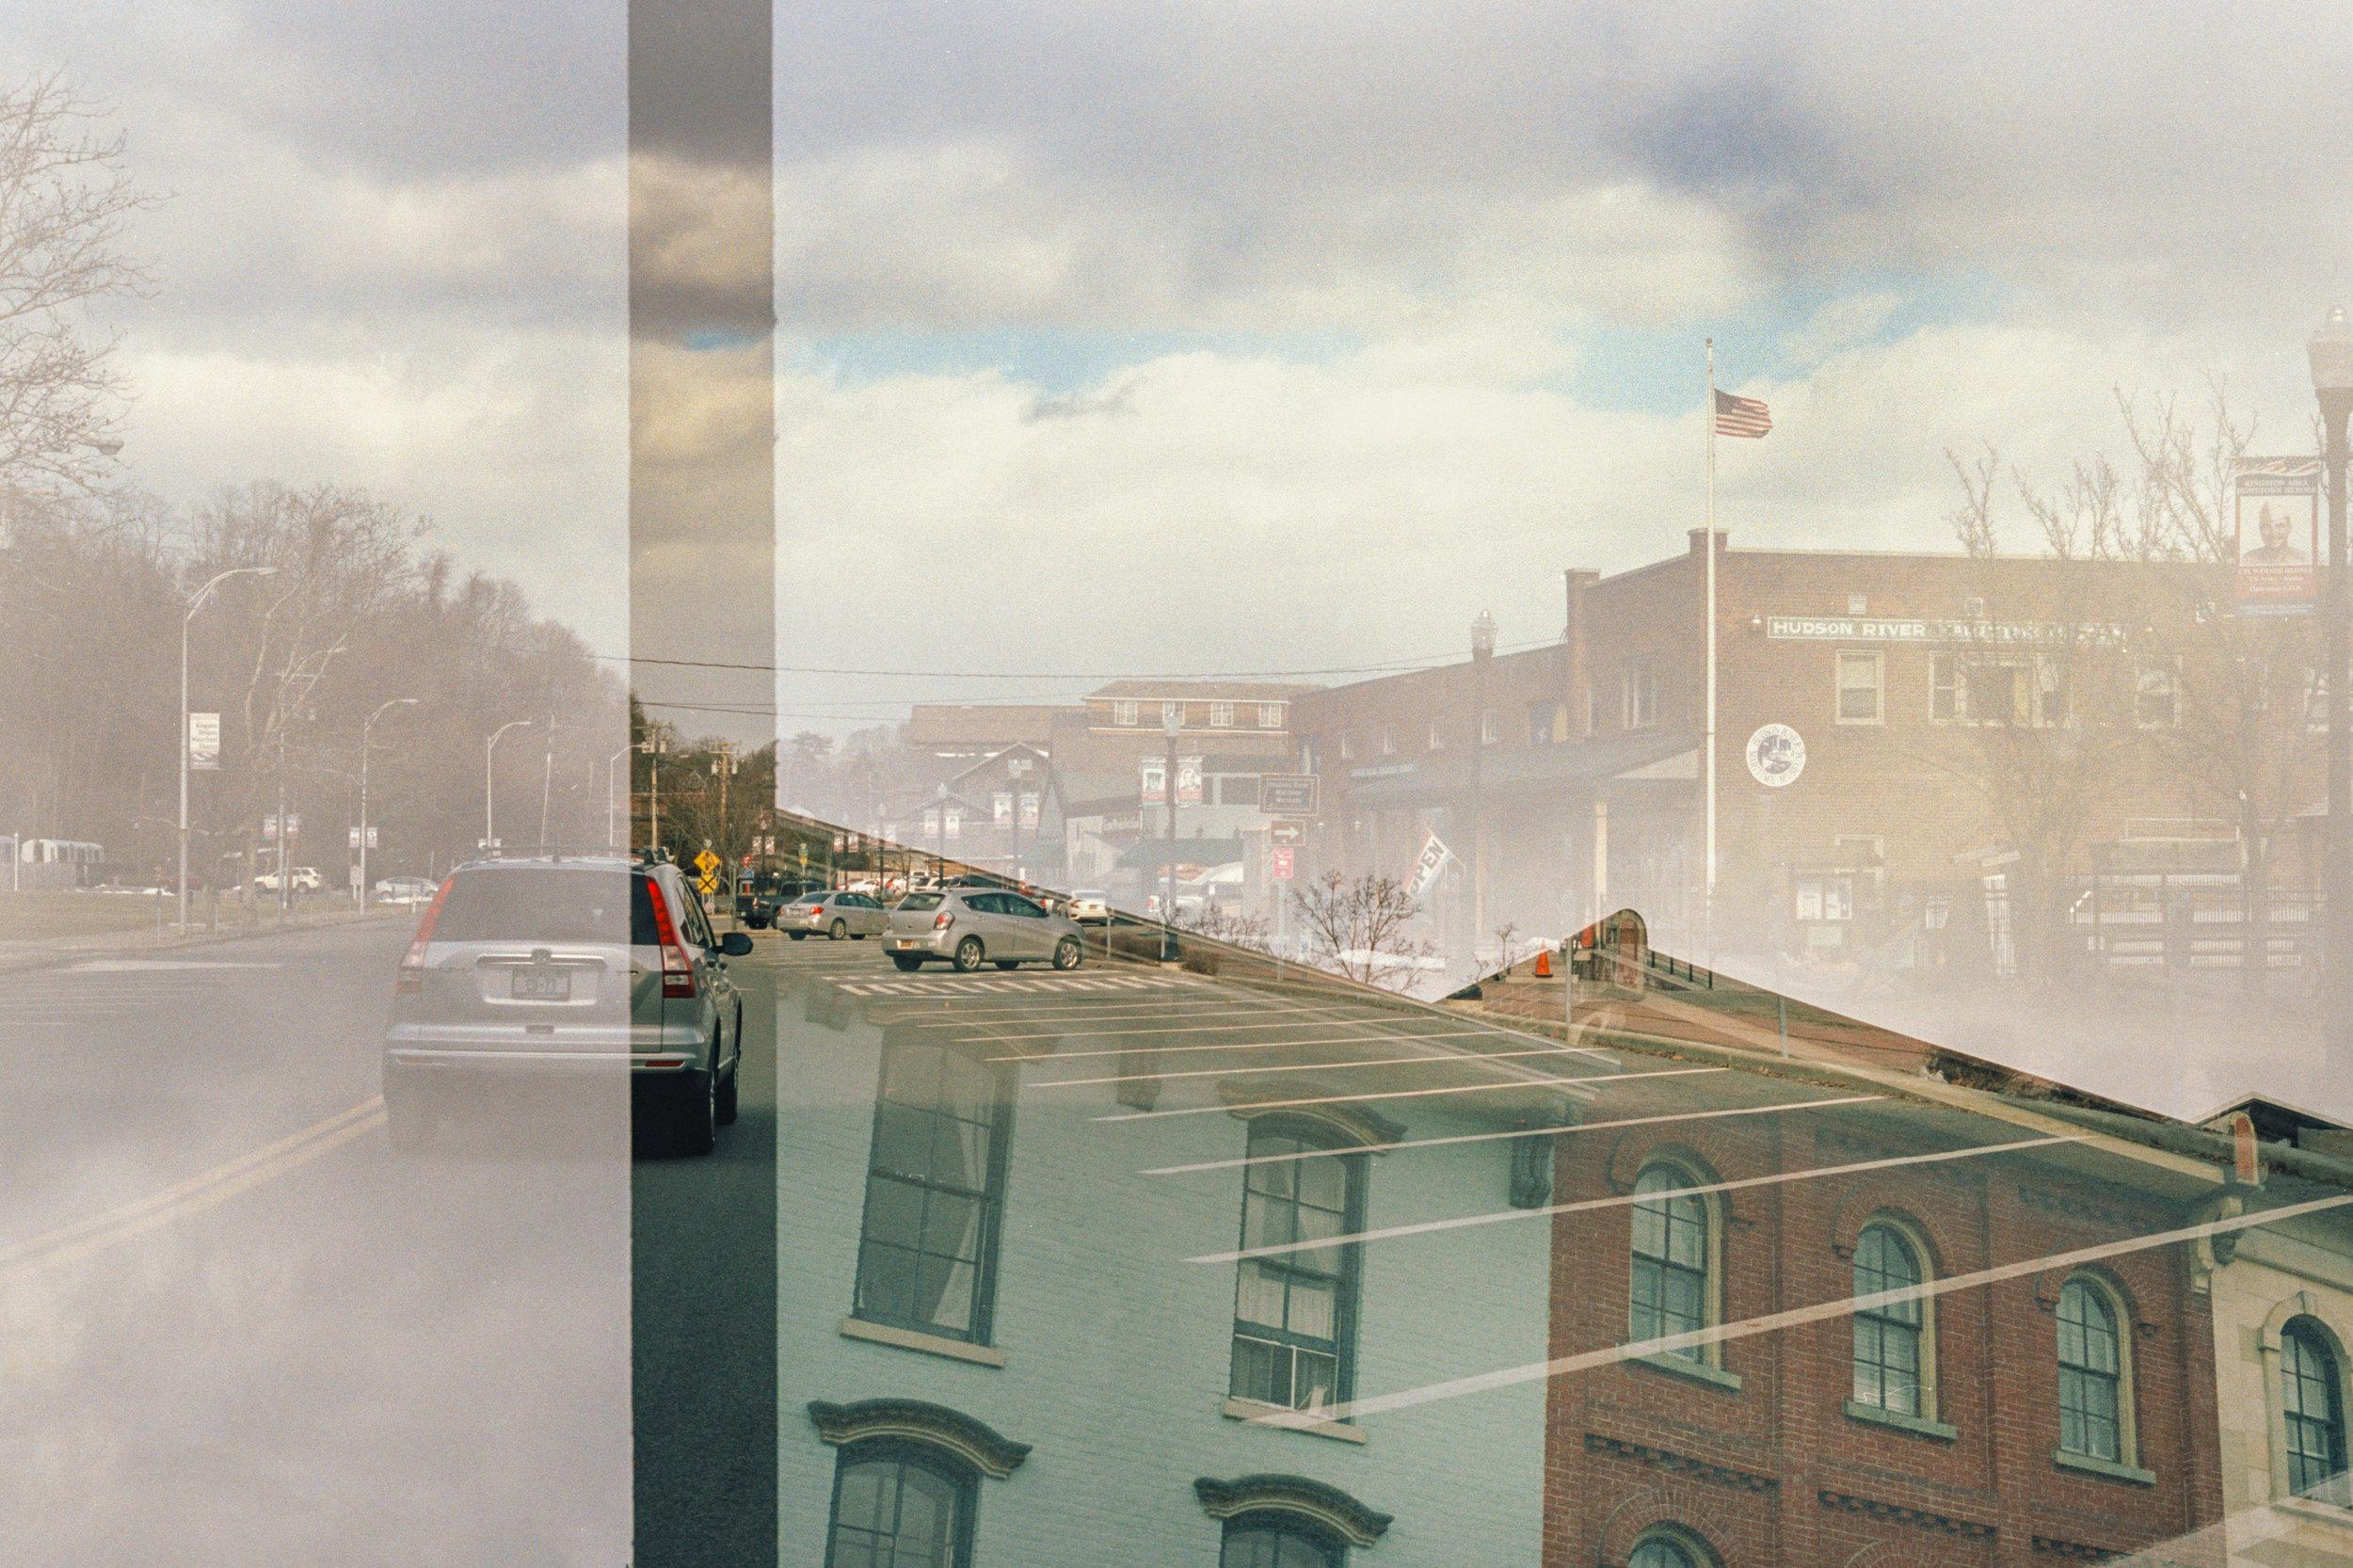 Kingston, NY.  (Image by Cameron Blaylock.)